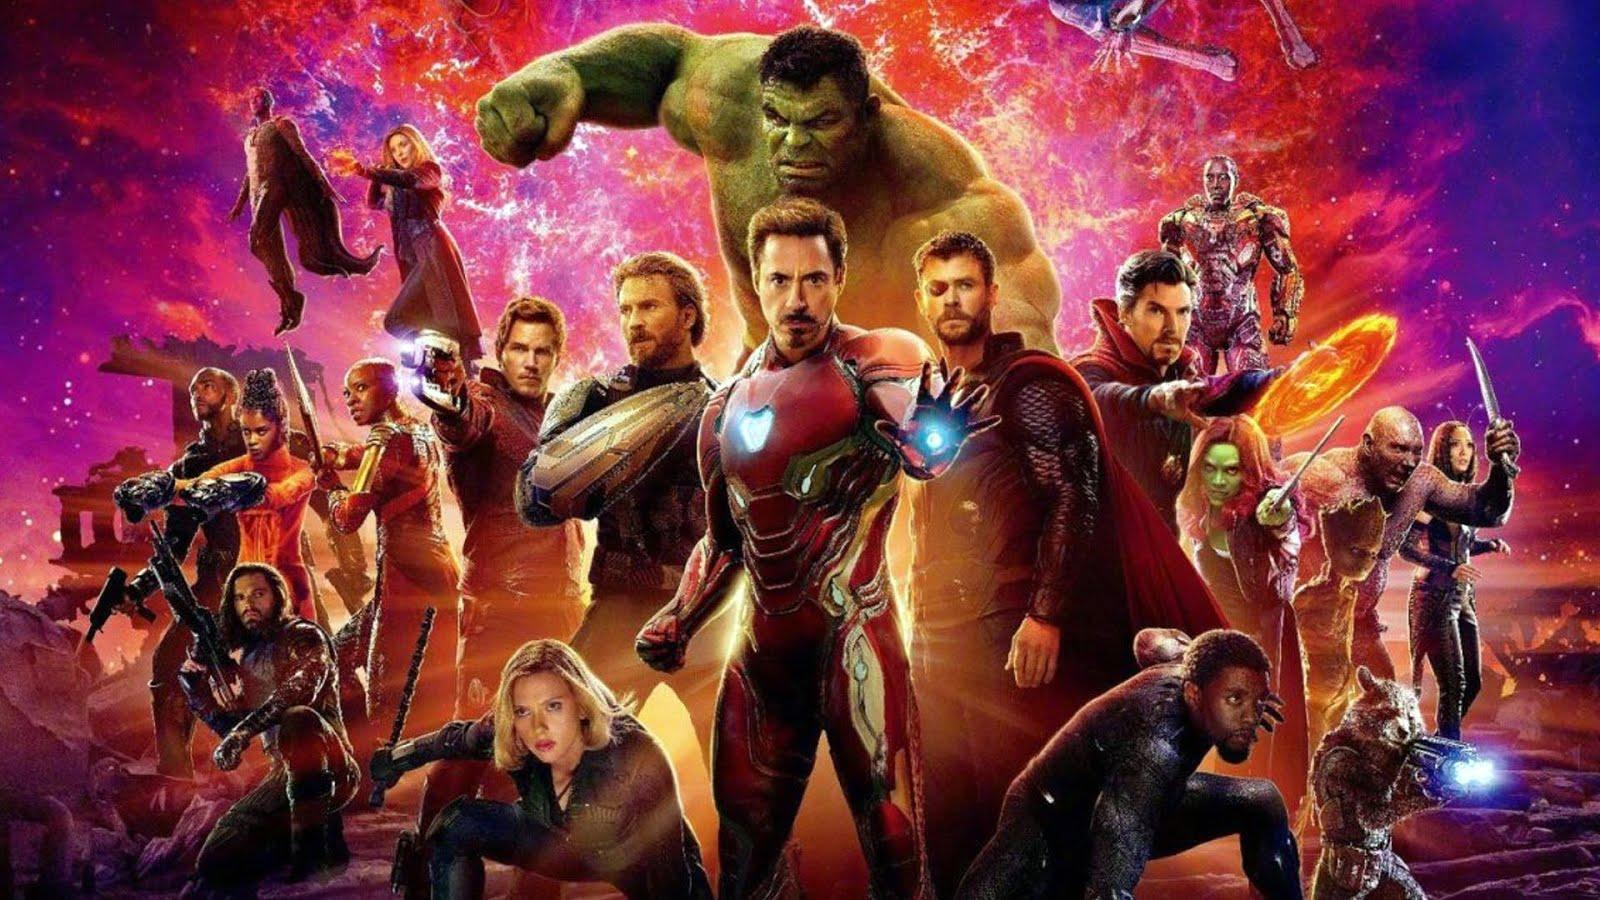 فيلم Avengers Endgame 2019 مترجم وبجودة عالية فيلمر